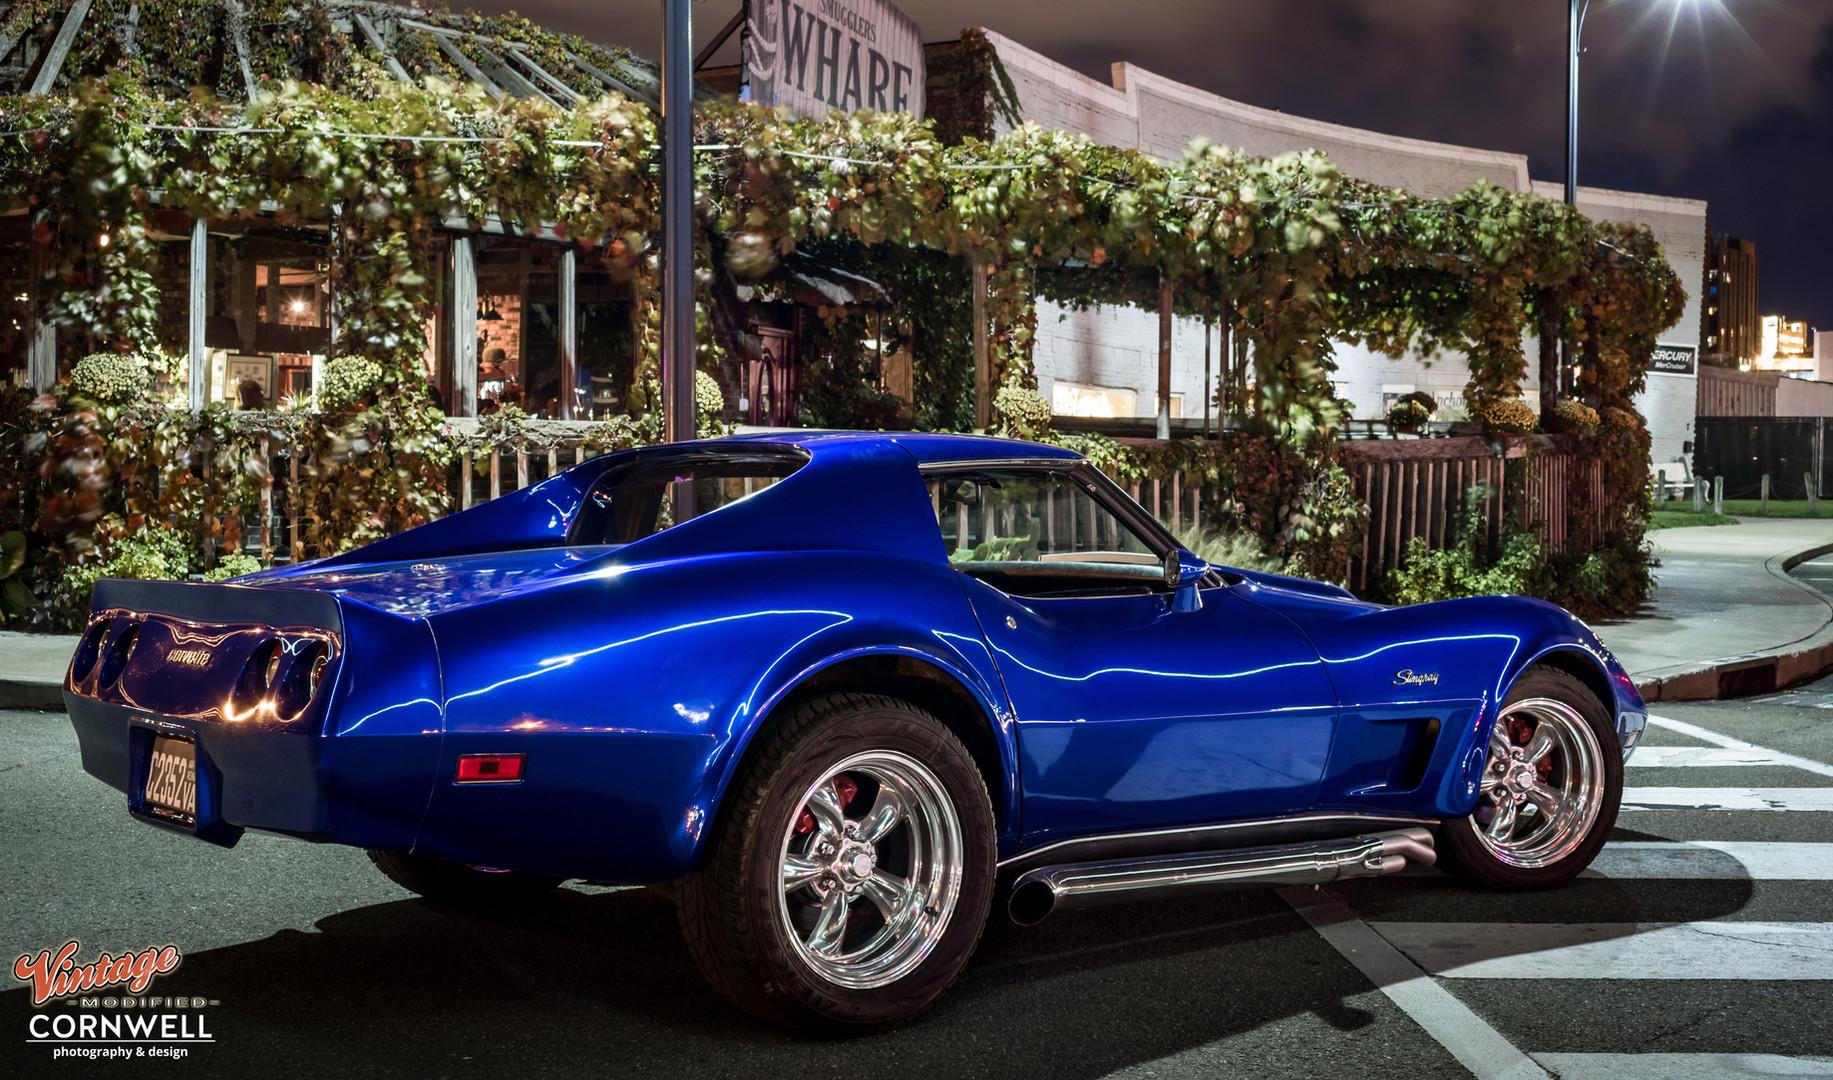 VM_Bluecarsmugglersrear.jpg